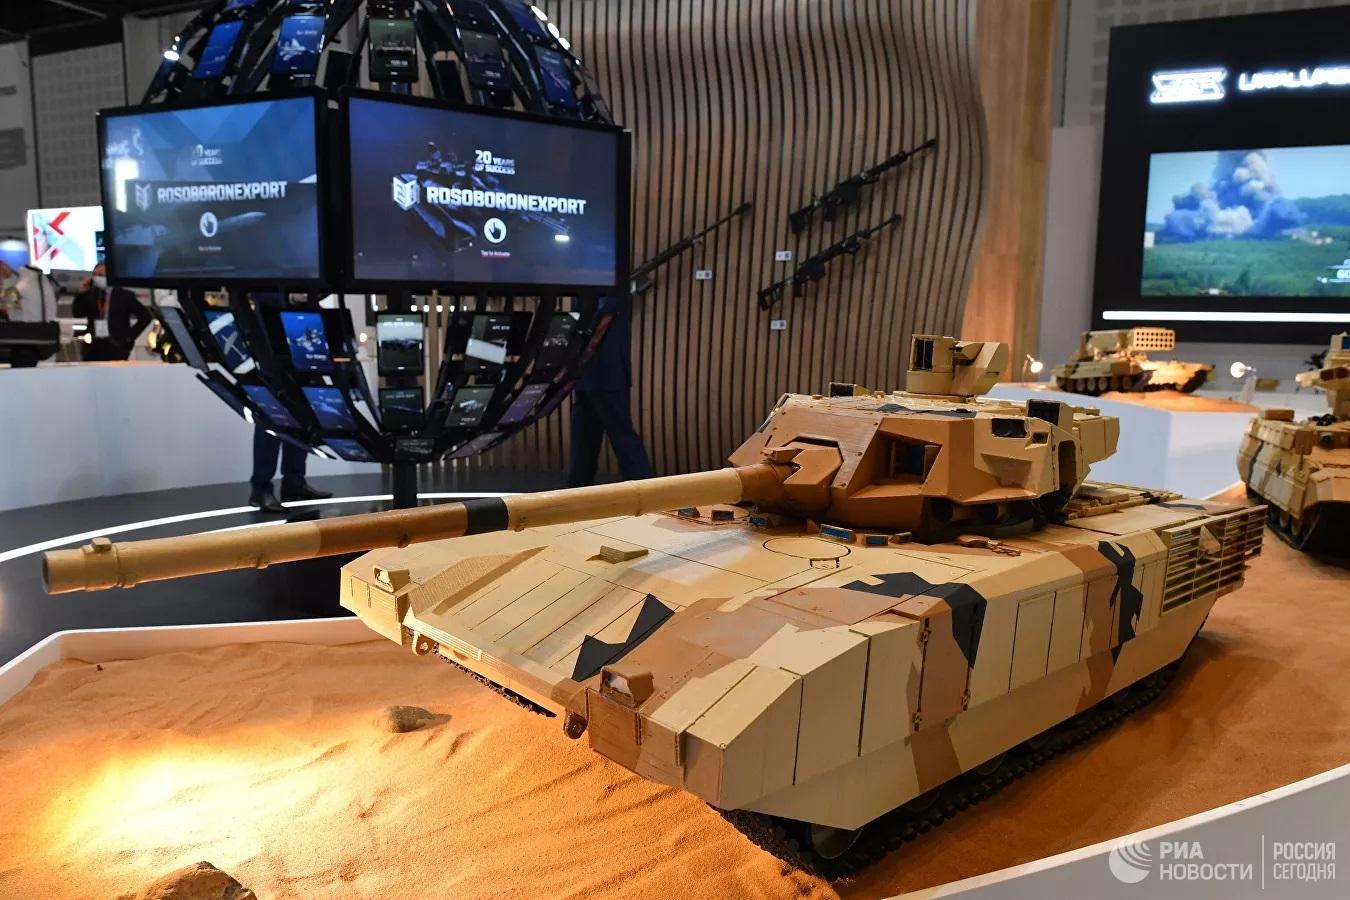 Nga 'khoe' vũ khí gì mới tại triển lãm IDEX-2021 ở UAE?